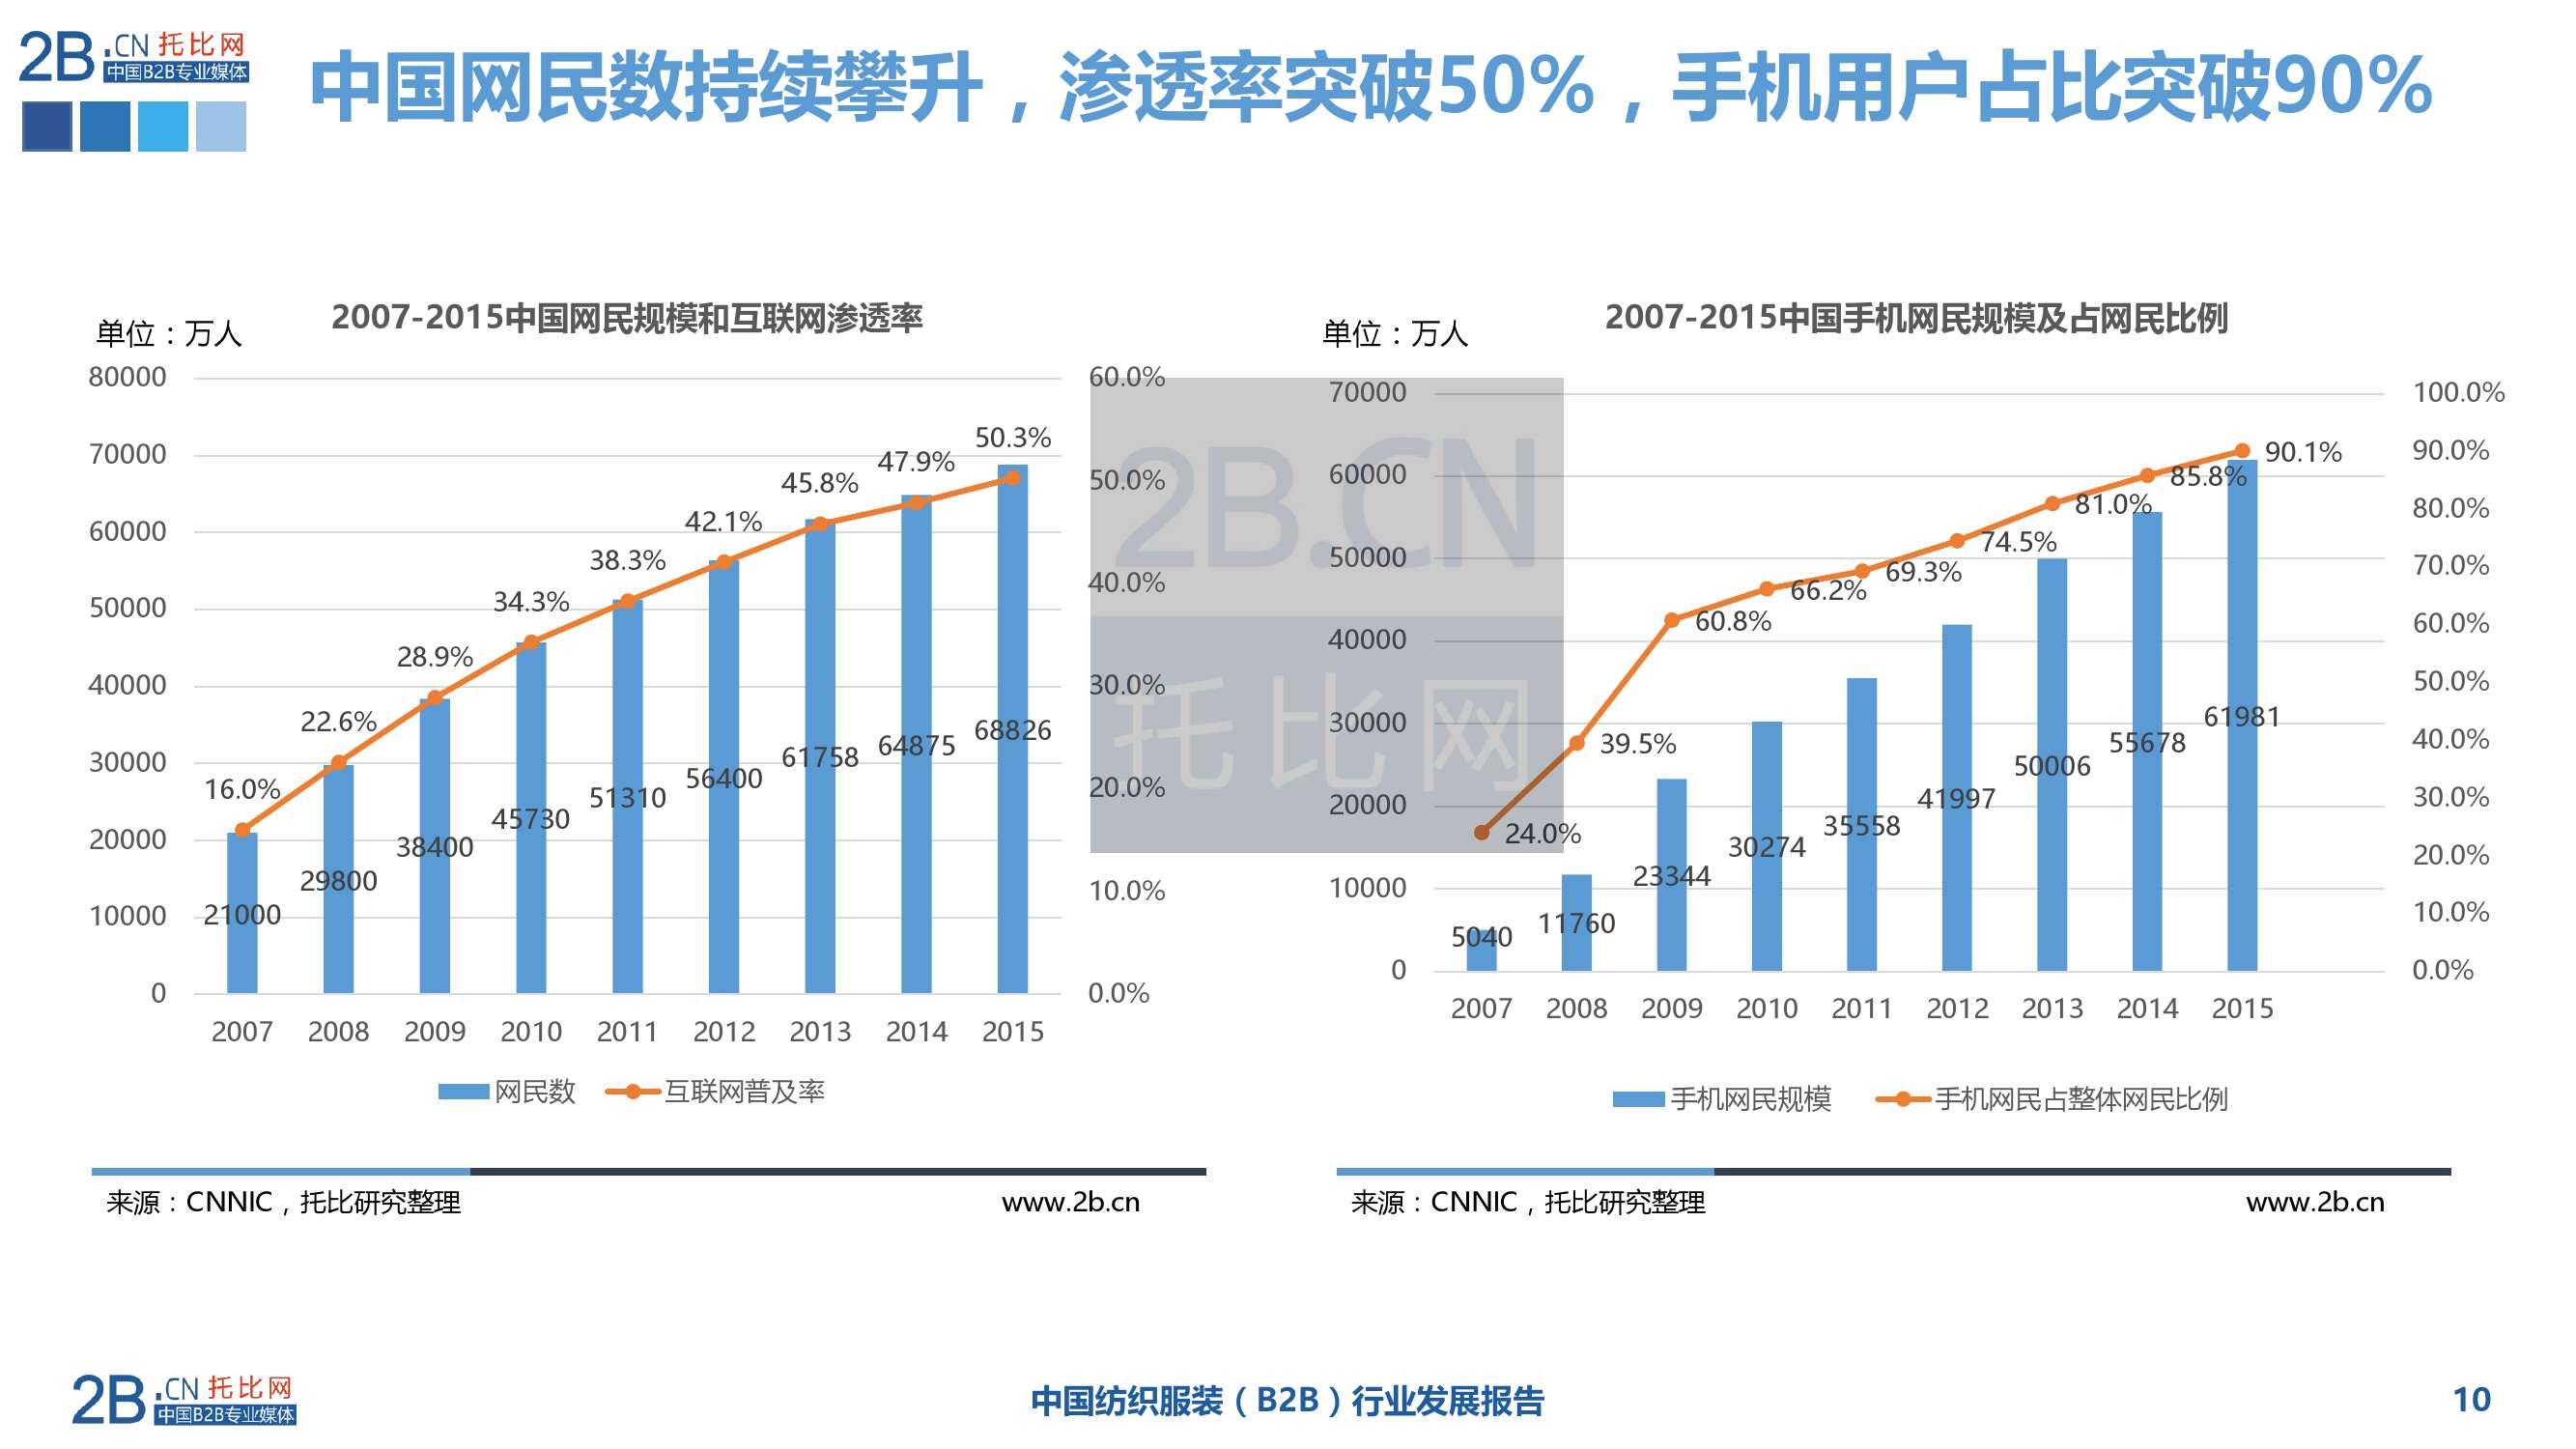 2015年中国纺织服装B2B行业发展报告_000010